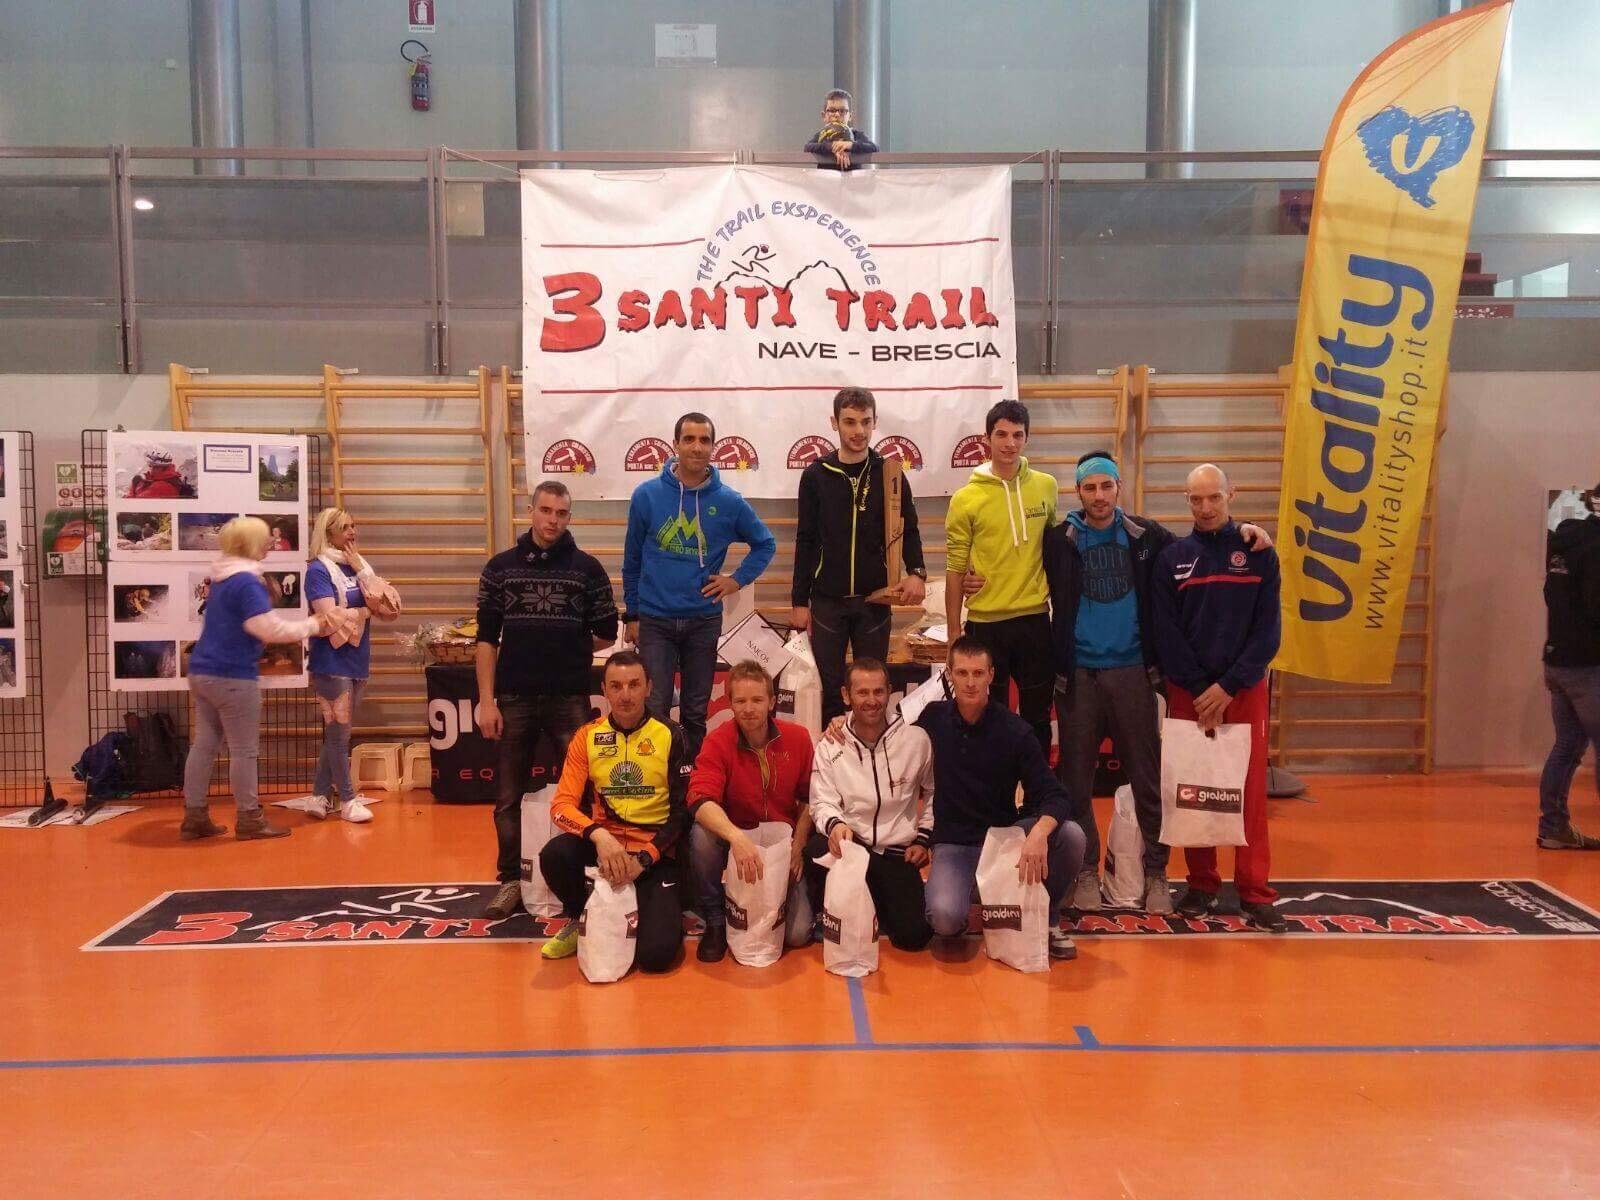 3 santi trail 2017